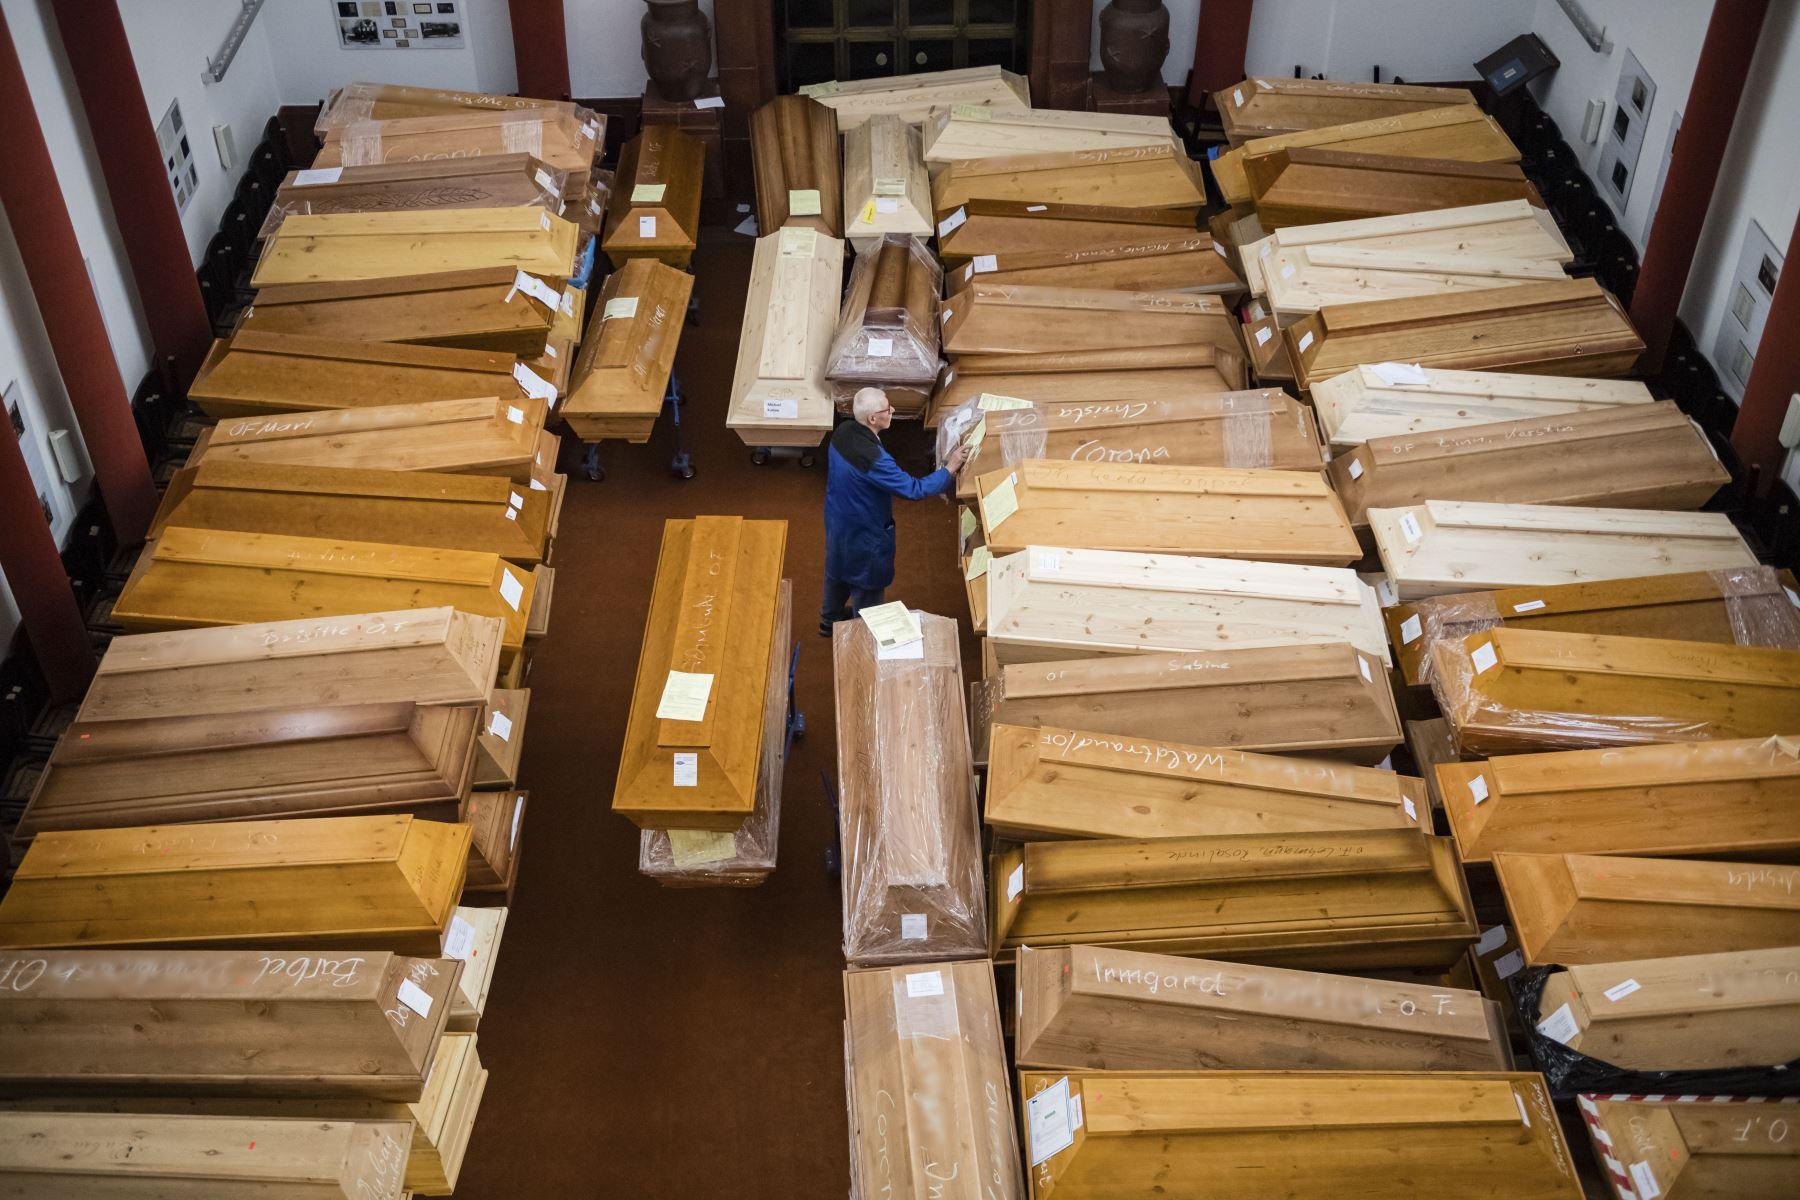 """Un empleado mueve ataúdes, algunos marcados con """"riesgo de infección"""" mientras que otros tienen """"corona"""" garabateada con tiza, en la sala de duelo del crematorio en Meissen, Alemania oriental. Foto: EFE"""